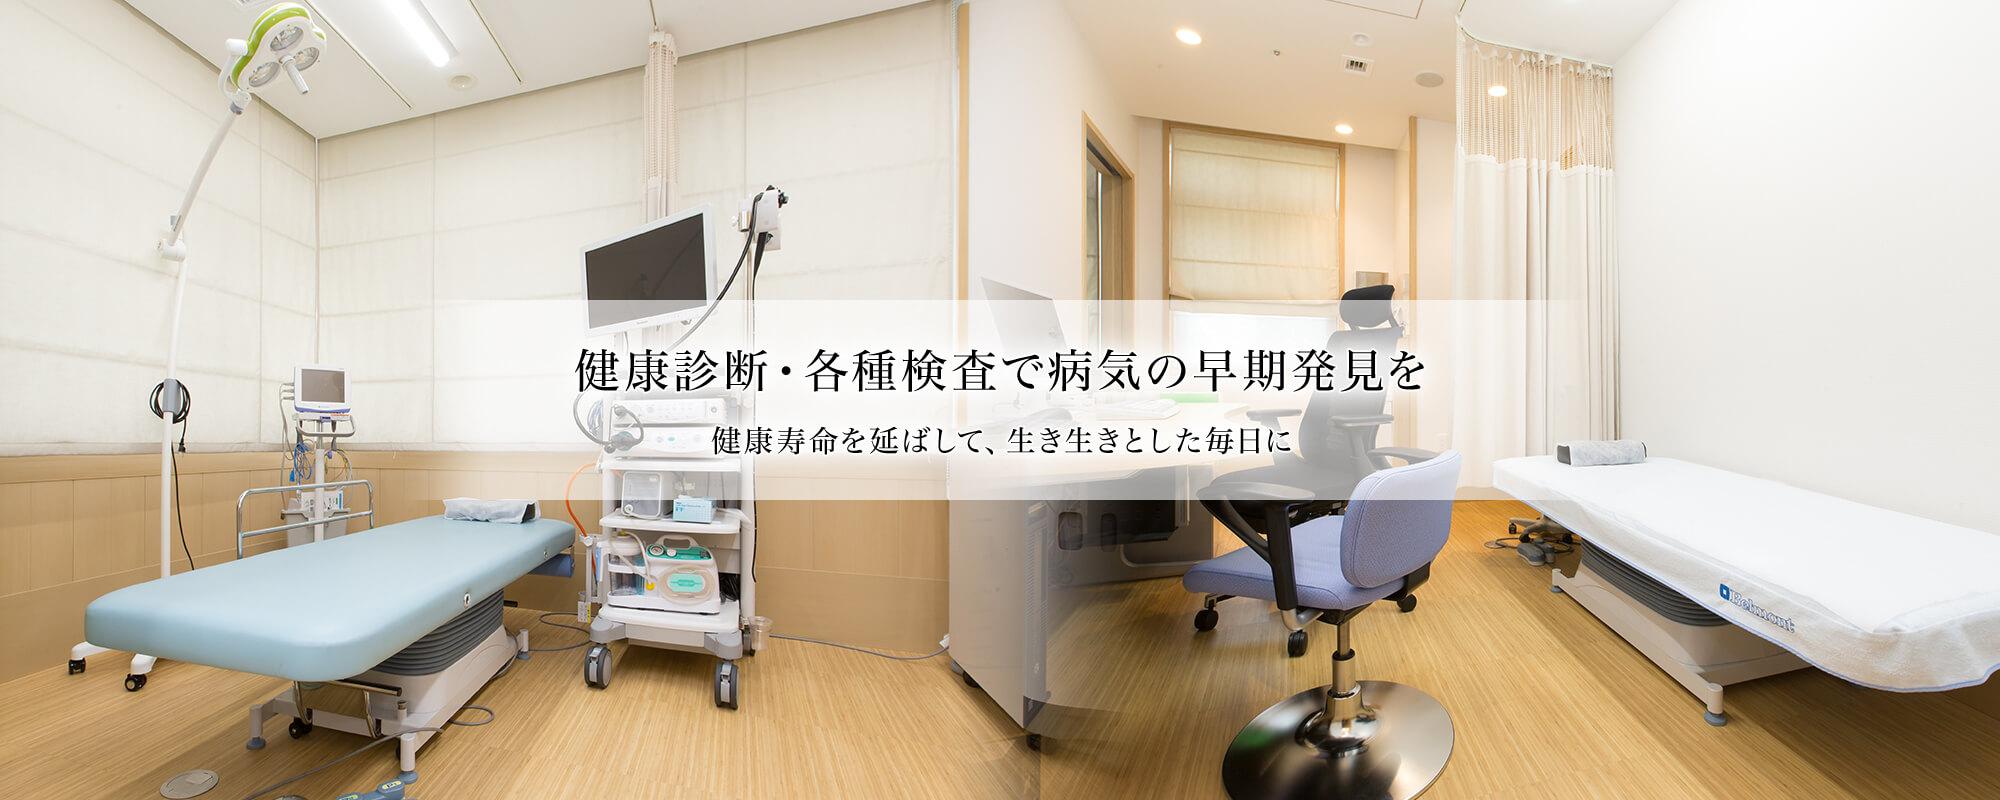 健康診断・各種検査で病気の早期発見を 健康寿命を延ばして、生き生きとした毎日に